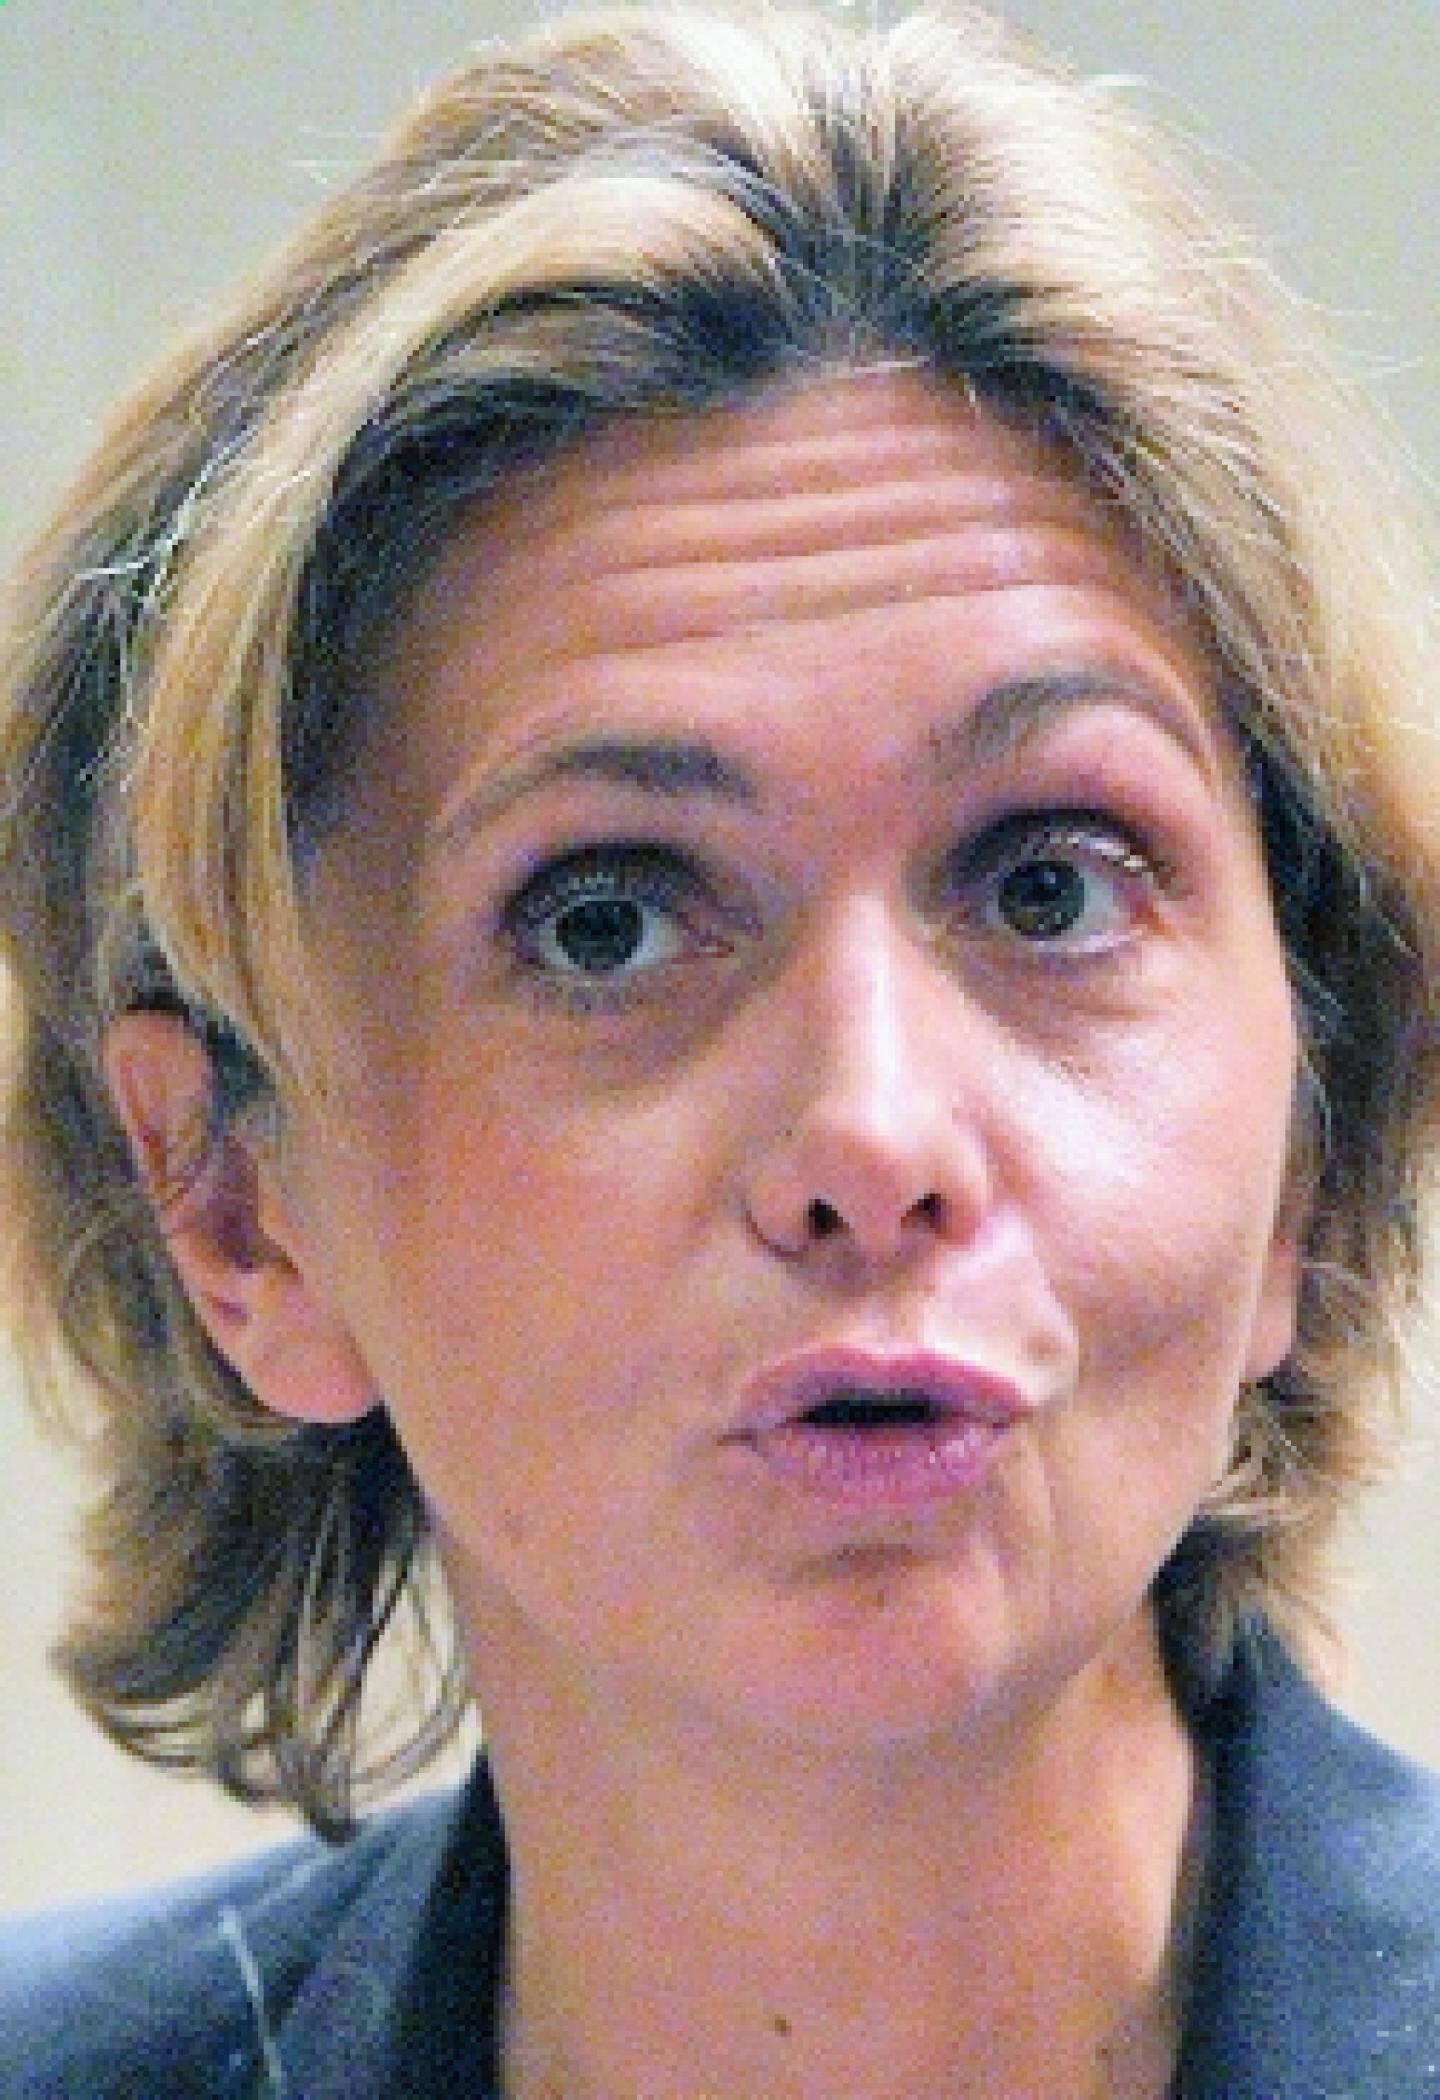 Le 4 avril à Nice, notre débat réunira Valérie Pécresse (ci-dessus), Pierre Moscovici, Jean-Luc Bennahmias ou encore Emmanuel Todd.